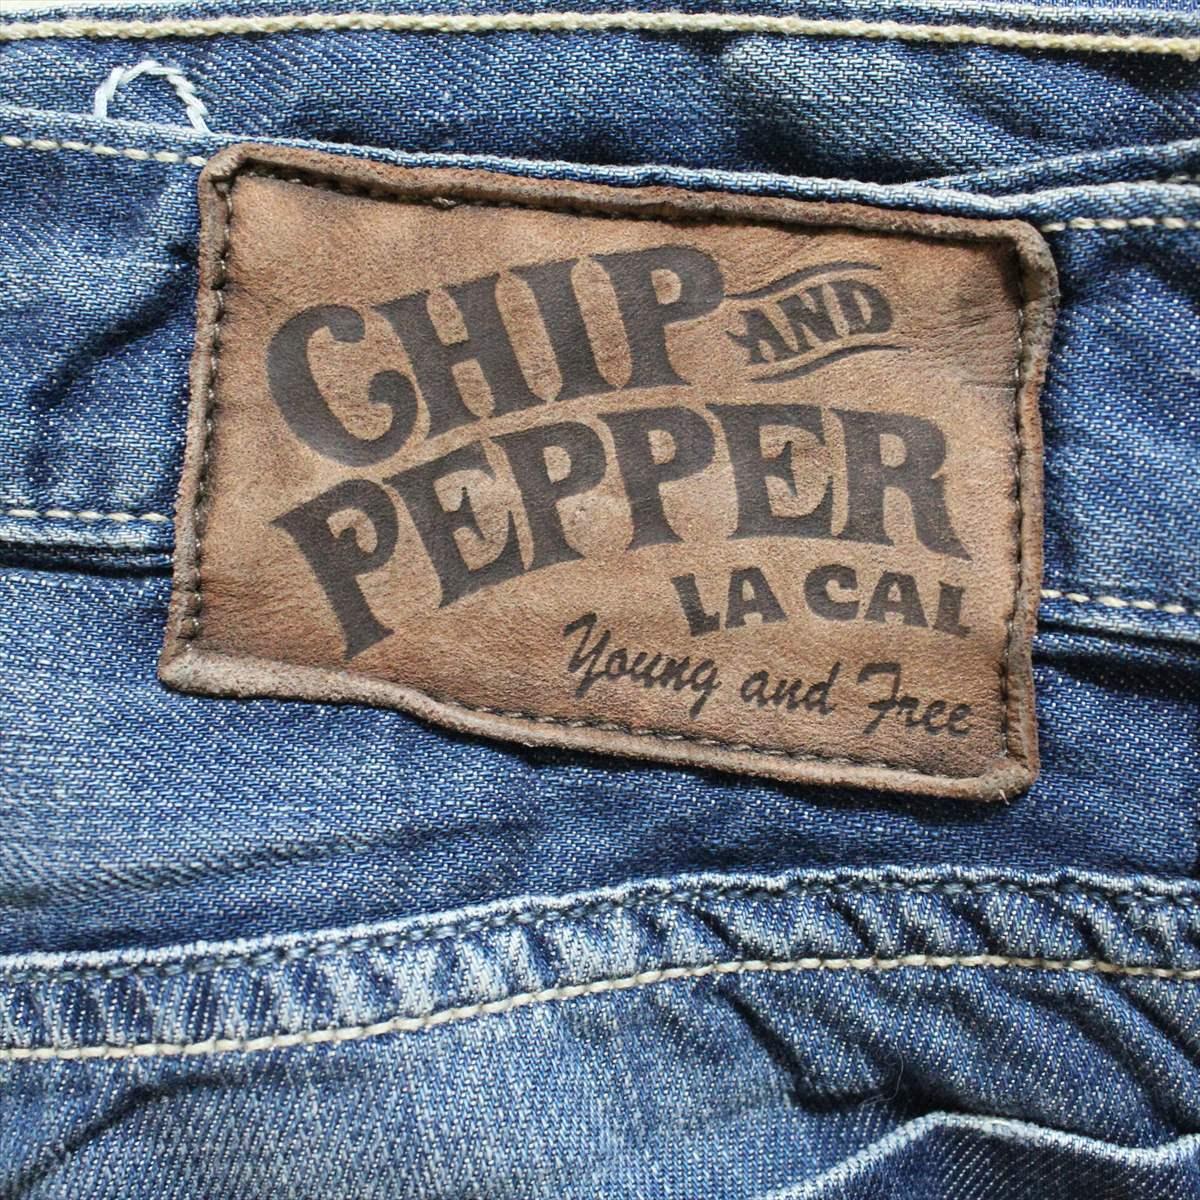 チップ&ペッパー Chip&Pepper メンズデニムパンツ ジーンズ 30インチ 新品 FIL アメリカ製_画像5